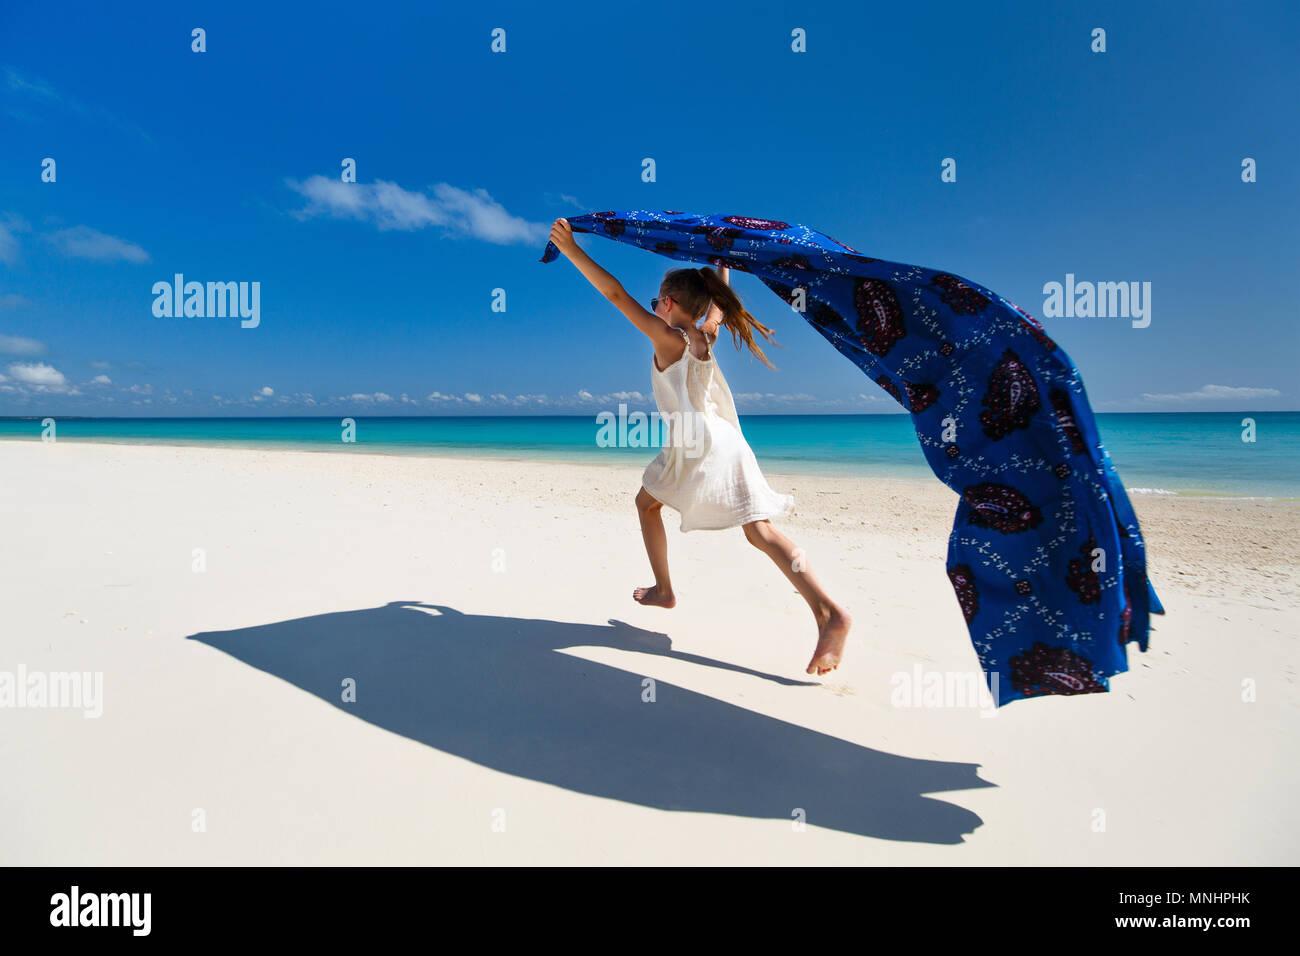 Carino bambina divertendosi in esecuzione con sarong e godersi la vacanza in spiaggia tropicale con sabbia bianca e mare turchese acqua Immagini Stock